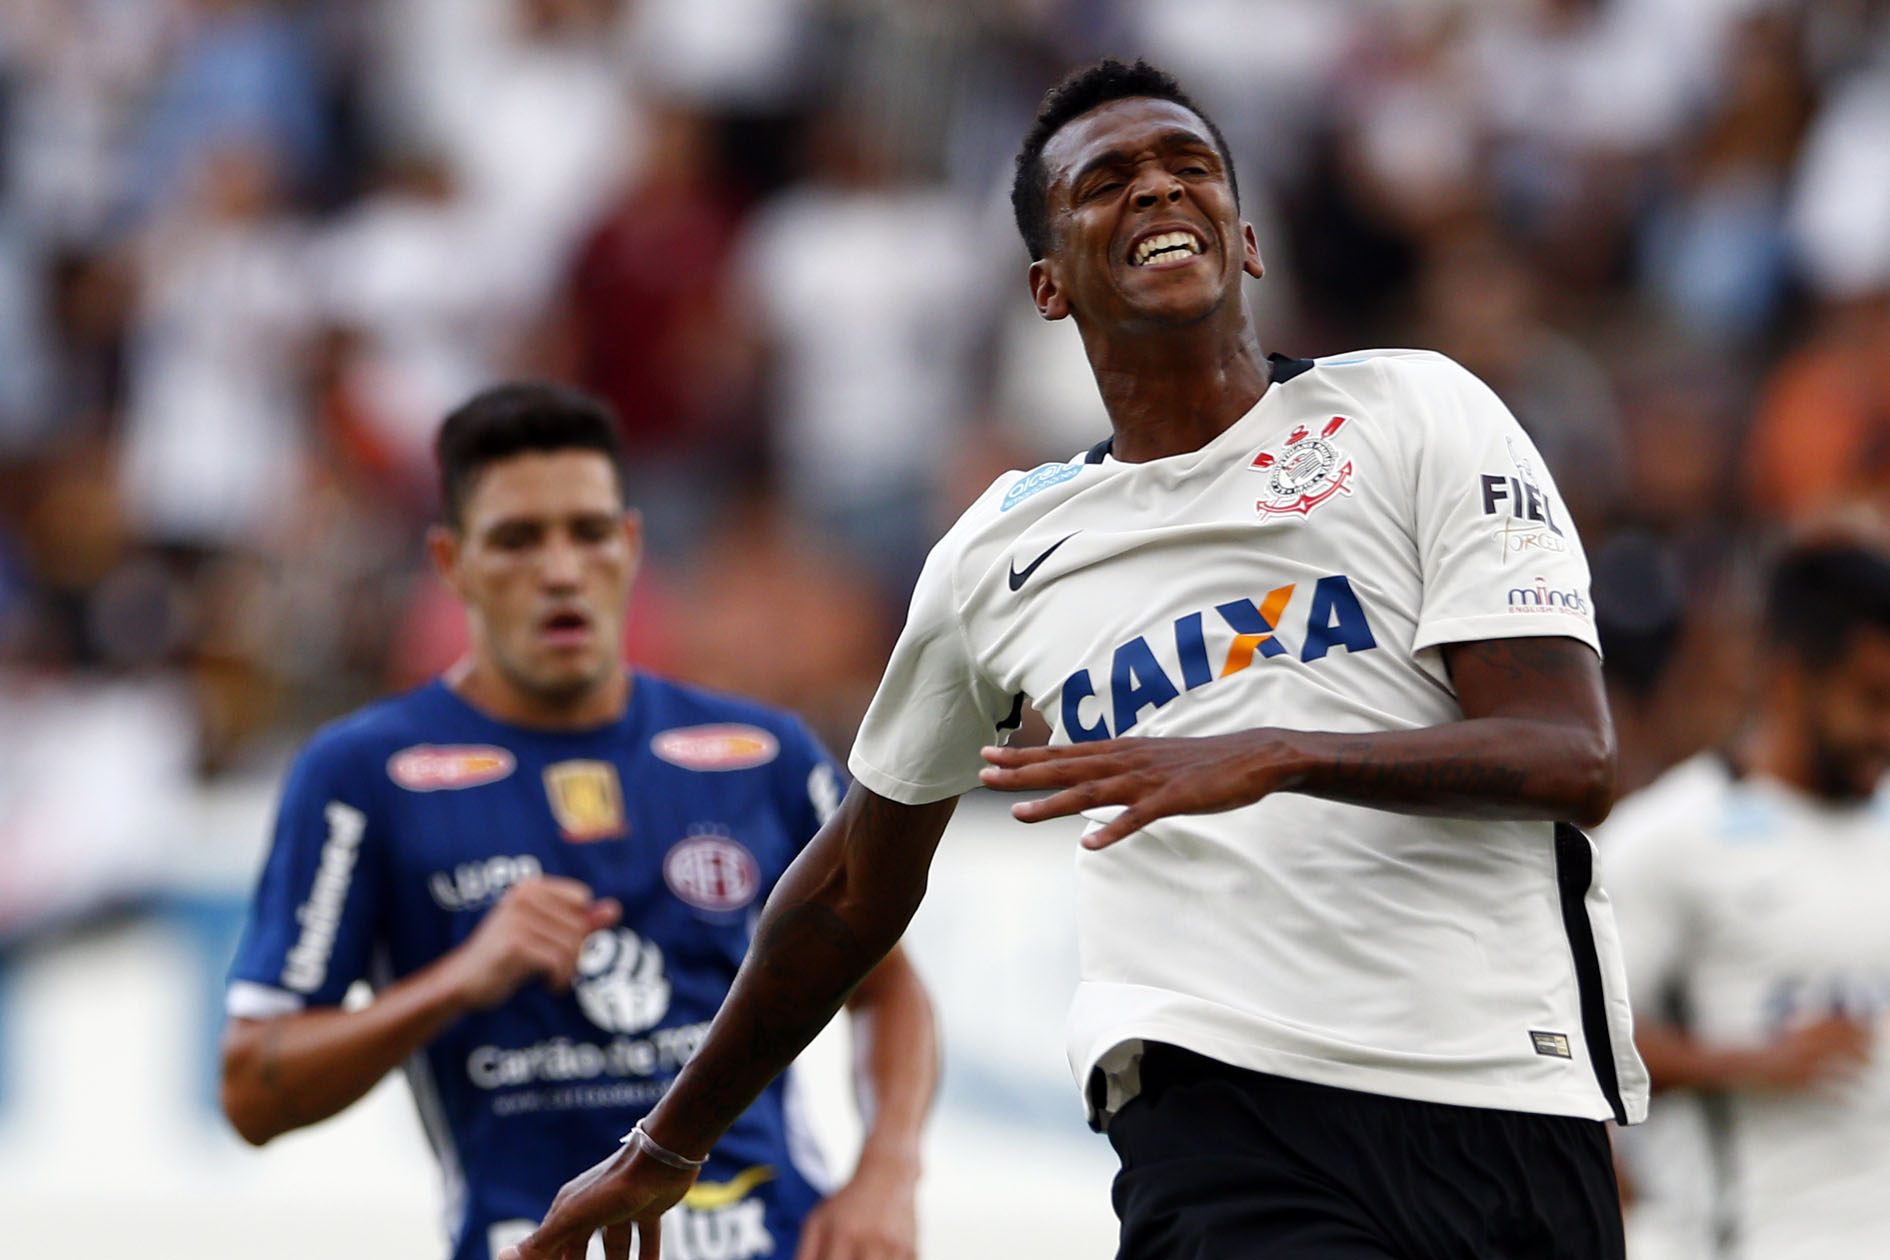 Análise  Corinthians sofre com lentidão para atacar em derrota para  Ferroviária 521ac3a2cb